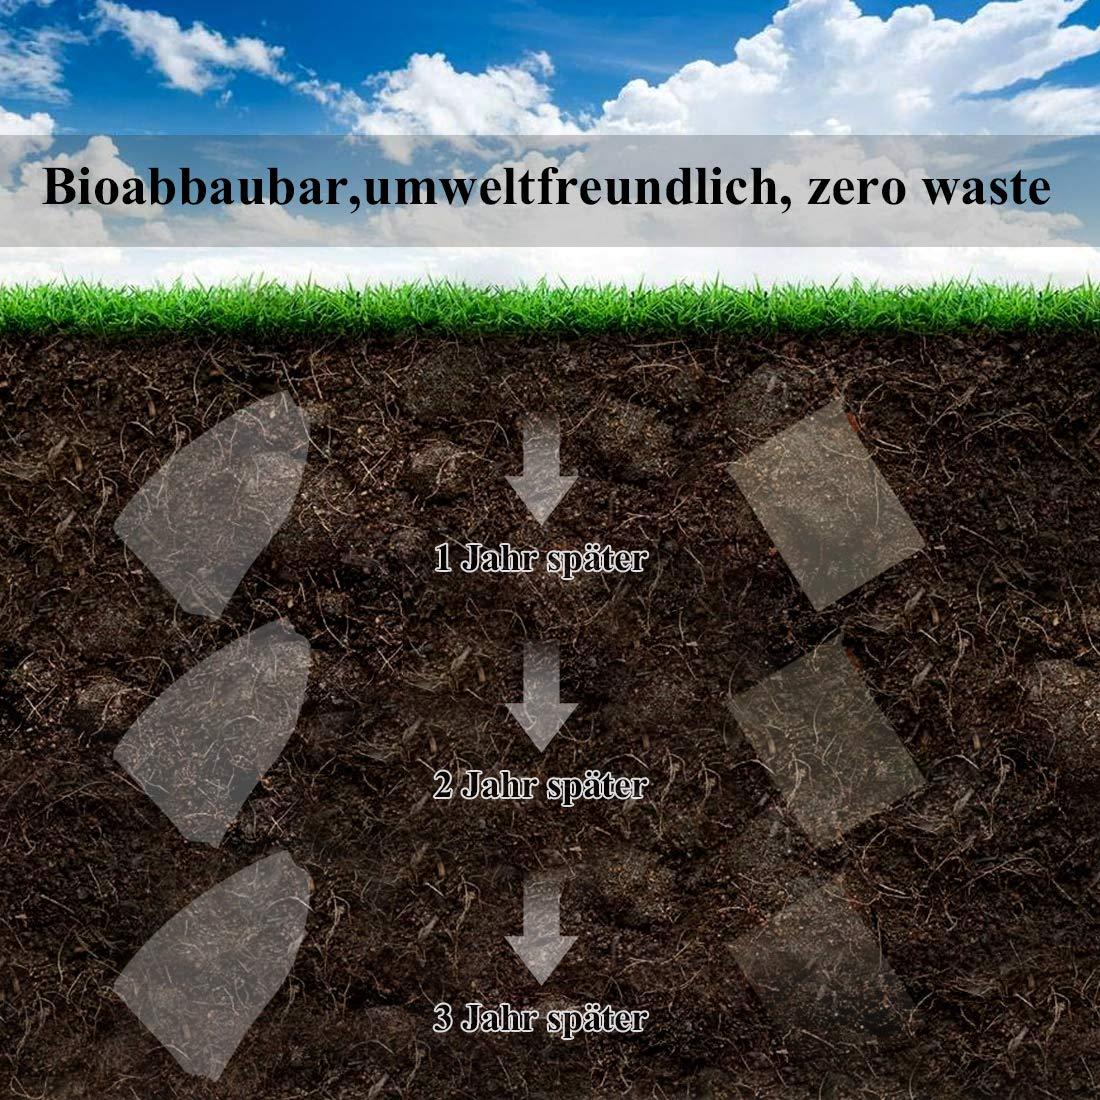 Eco-Friendly Produce Bags Baumwollbeutel Brotbeutel Hand-Made Doppelt gen/äht Waschbar 6er Set Obst-und Gem/üsebeutel aus Bio-Baumwolle Reusable Einkaufsnetz f/ür Lebensmitteleinkauf und Lagerung